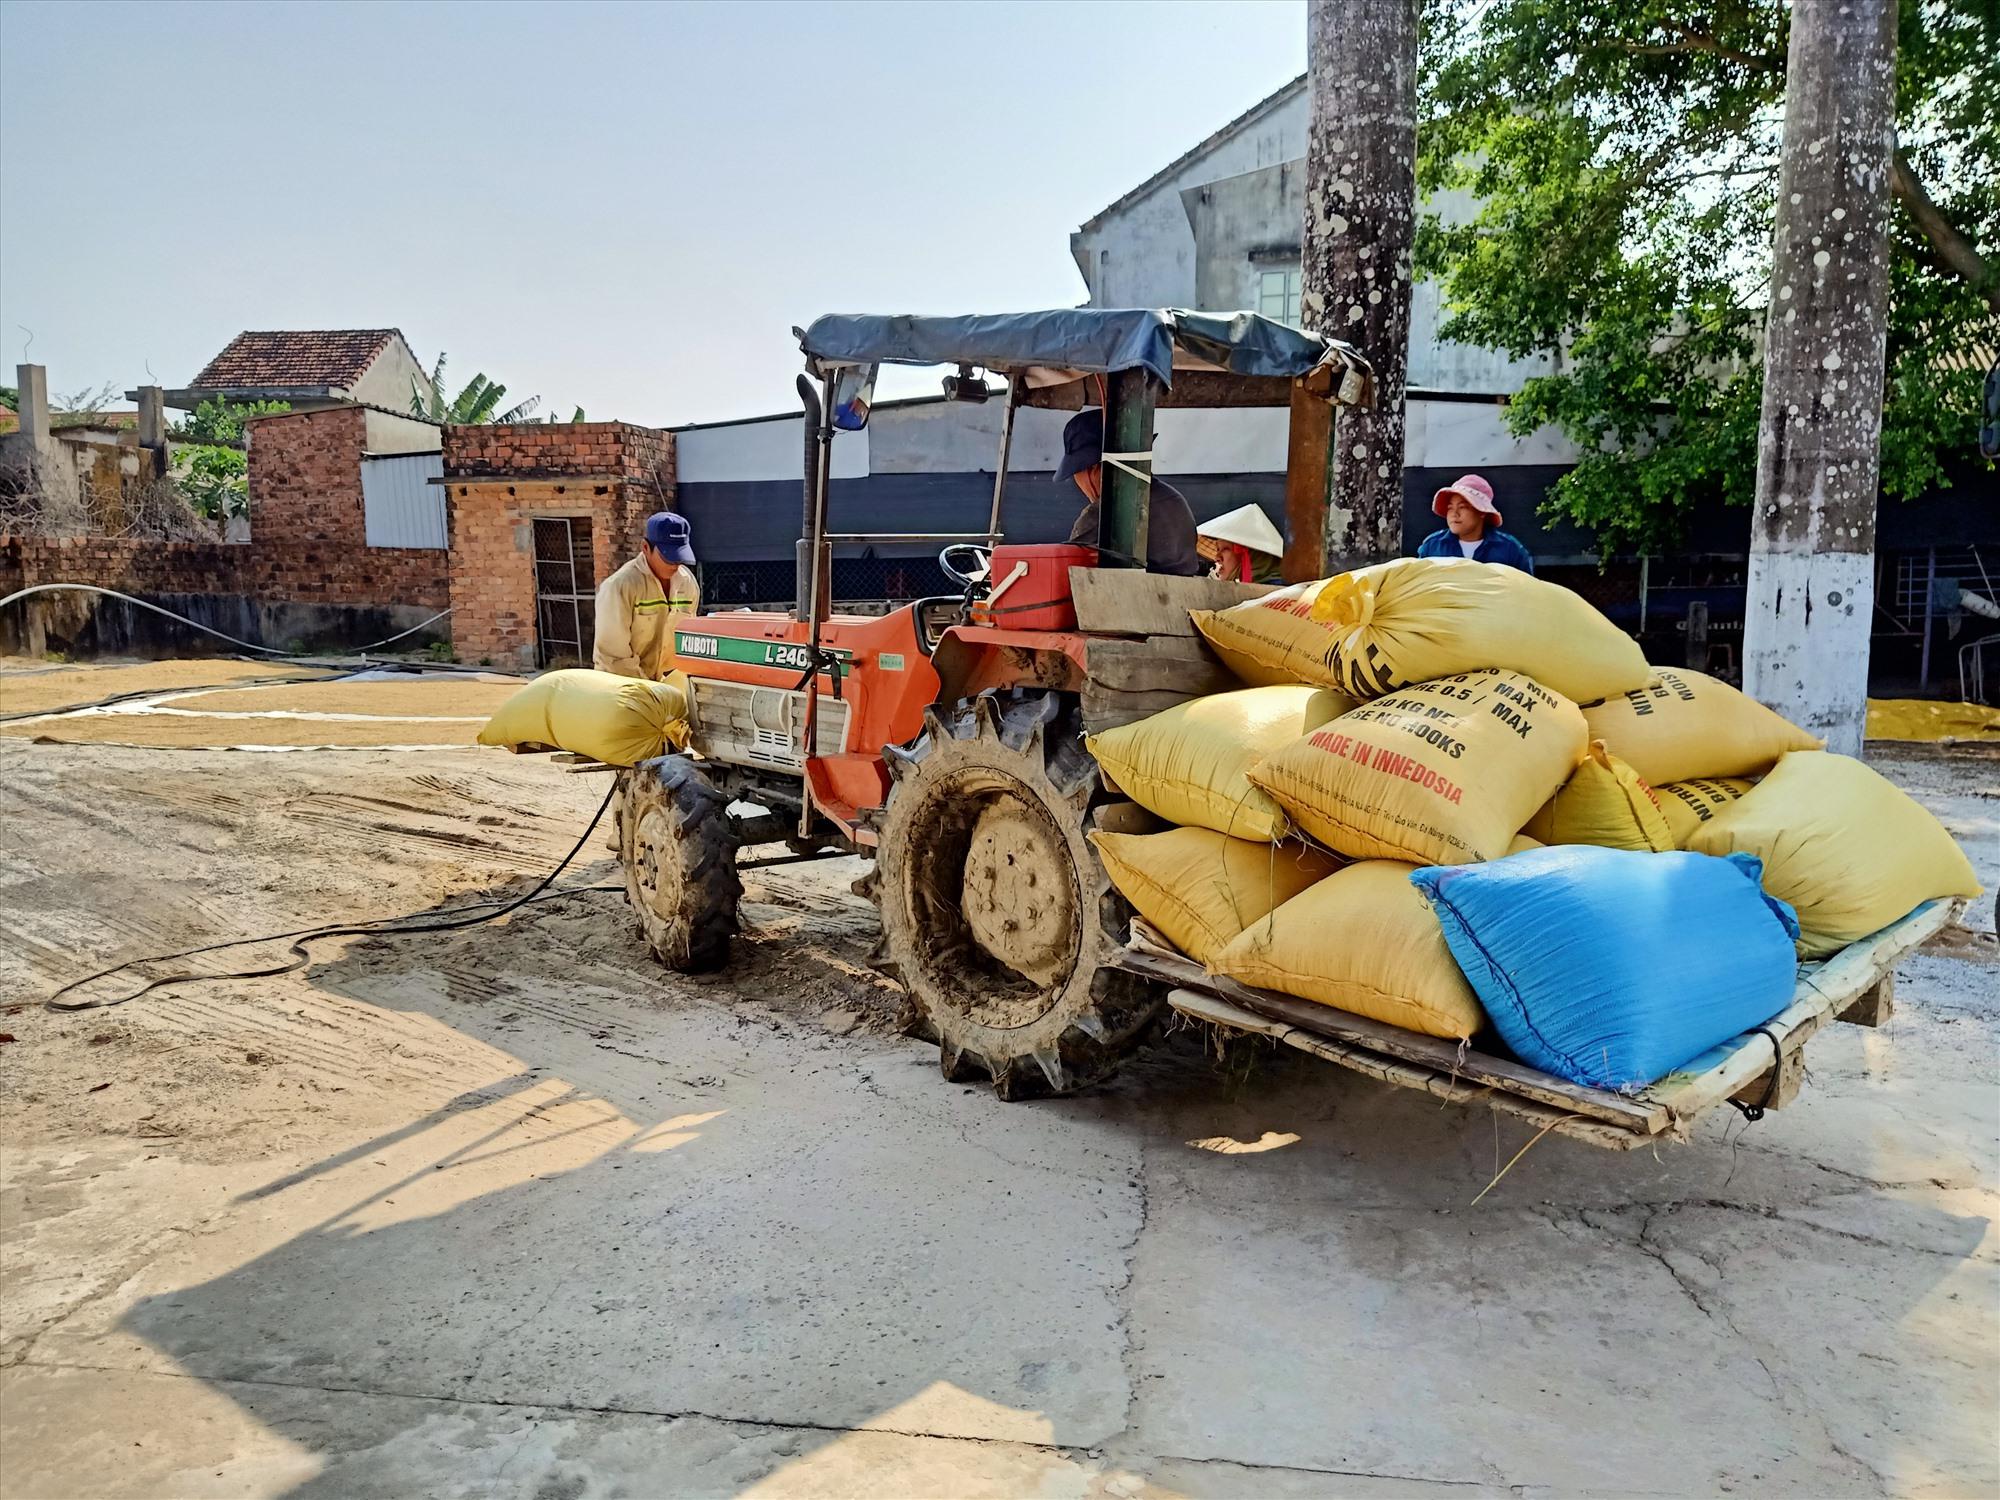 Vụ lúa đông xuân năm nay ở Đại Lộc được mùa, có nơi năng suất đạt 70 tạ/ha. Ảnh: HOÀNG LIÊN